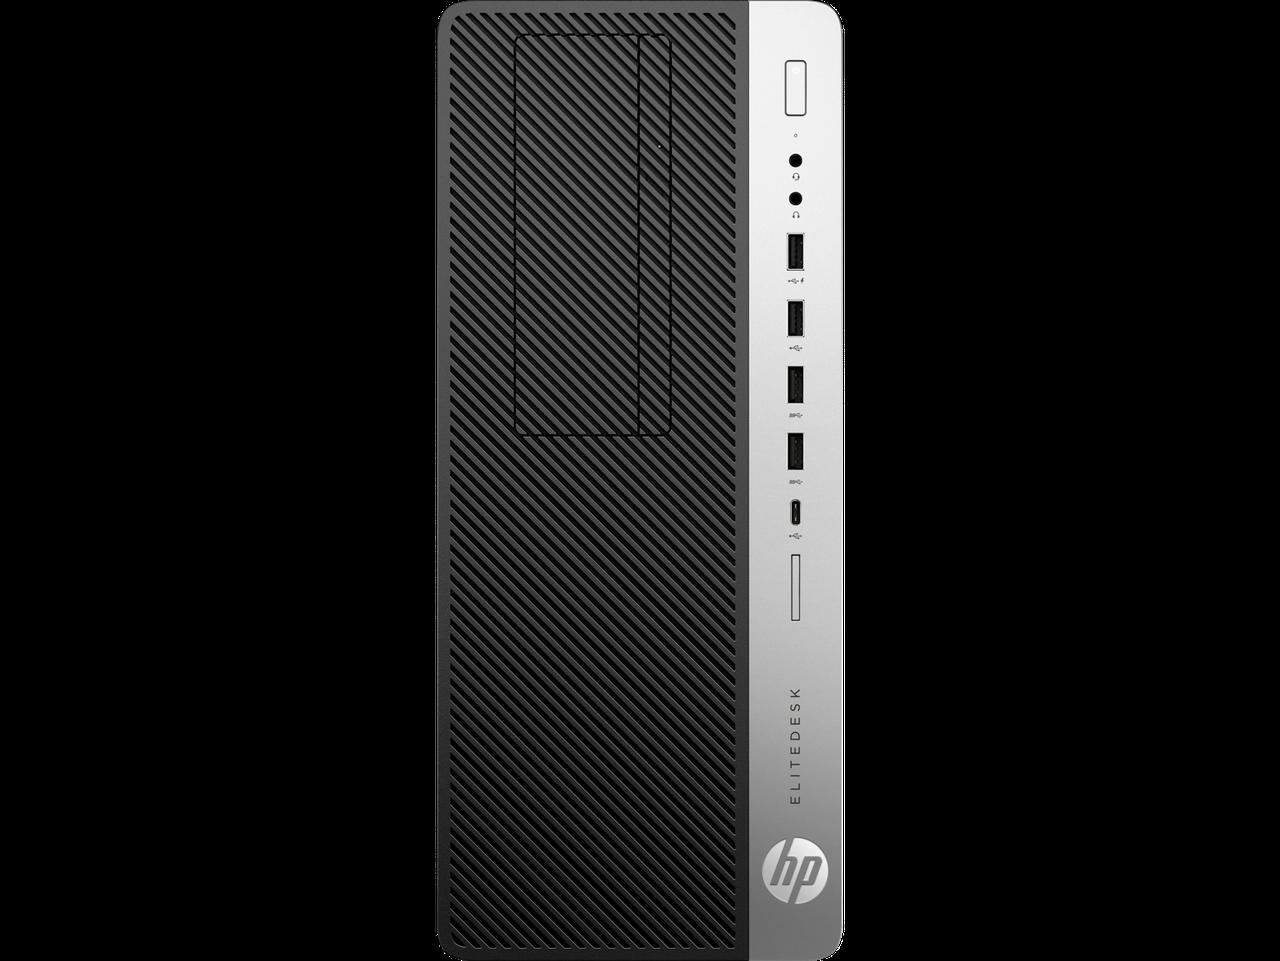 Системный блок HP 7XL04AW EliteDesk 800G5 TWR,250W,i7-9700,8GB,256GB,W10p64,DVD-WR,3yw,USB kbd,mouse USB,HDMI